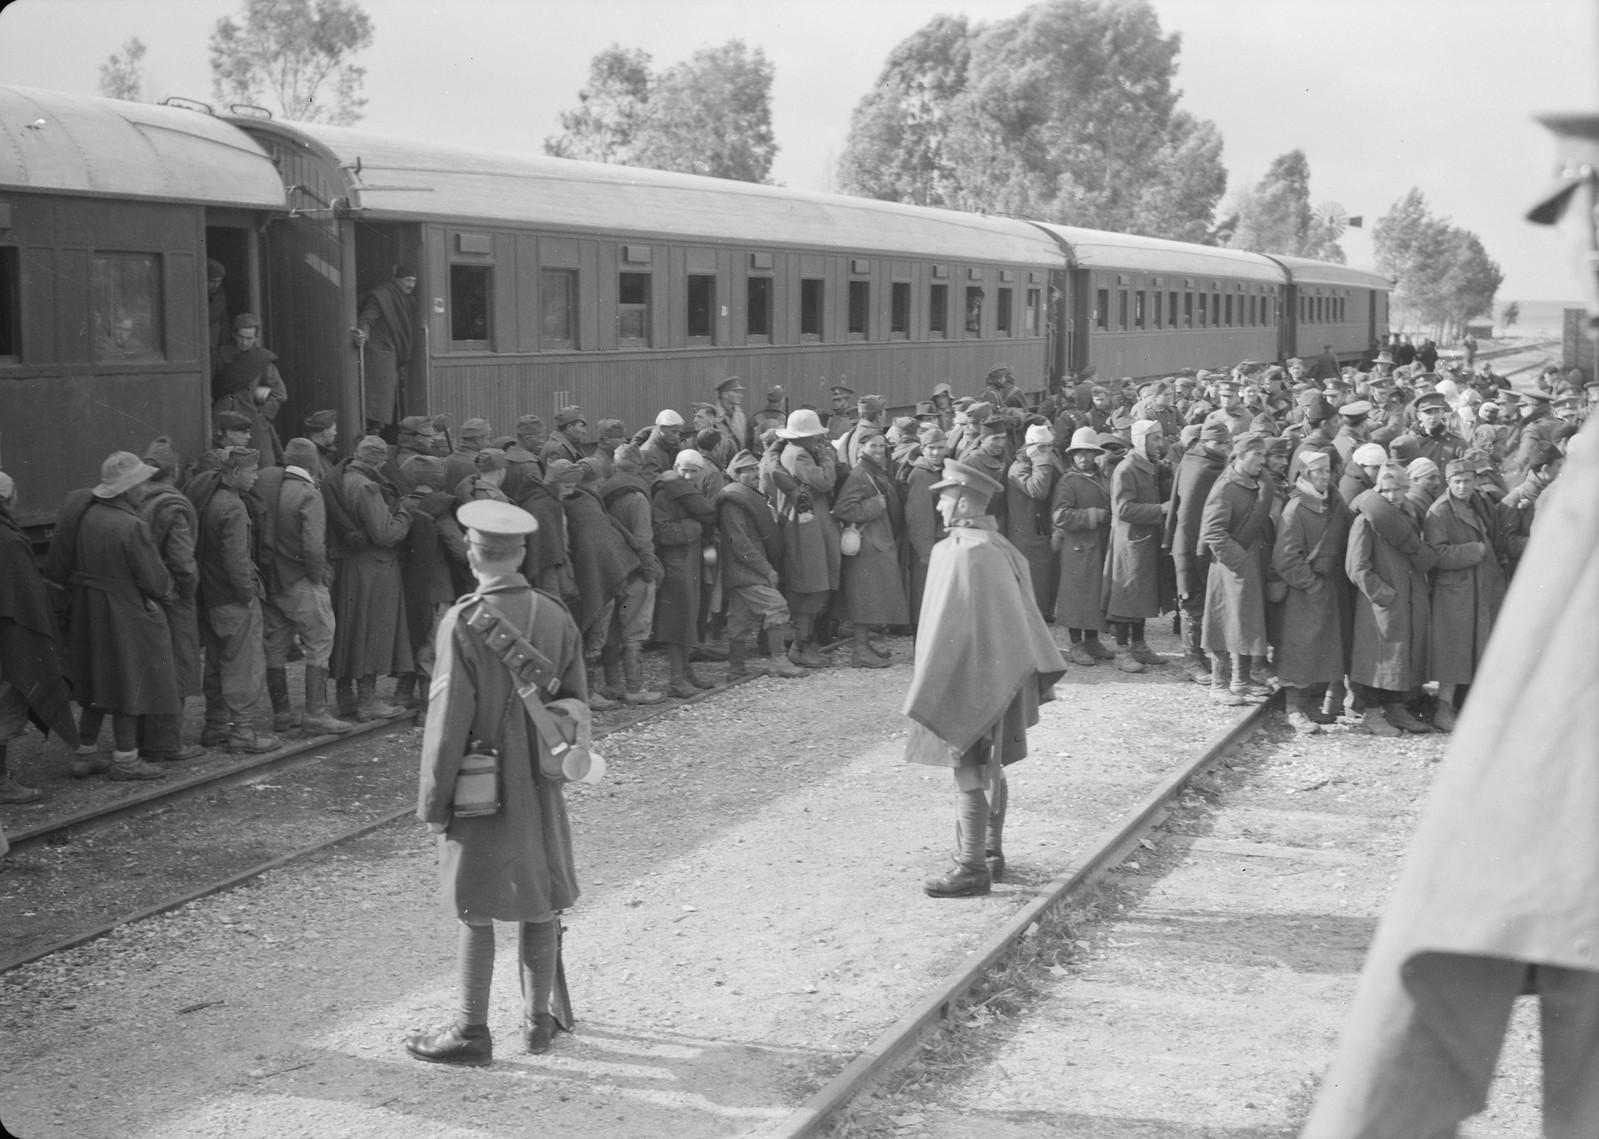 07. Итальянские пленные выходят из вагонов на станции Вади Сарар